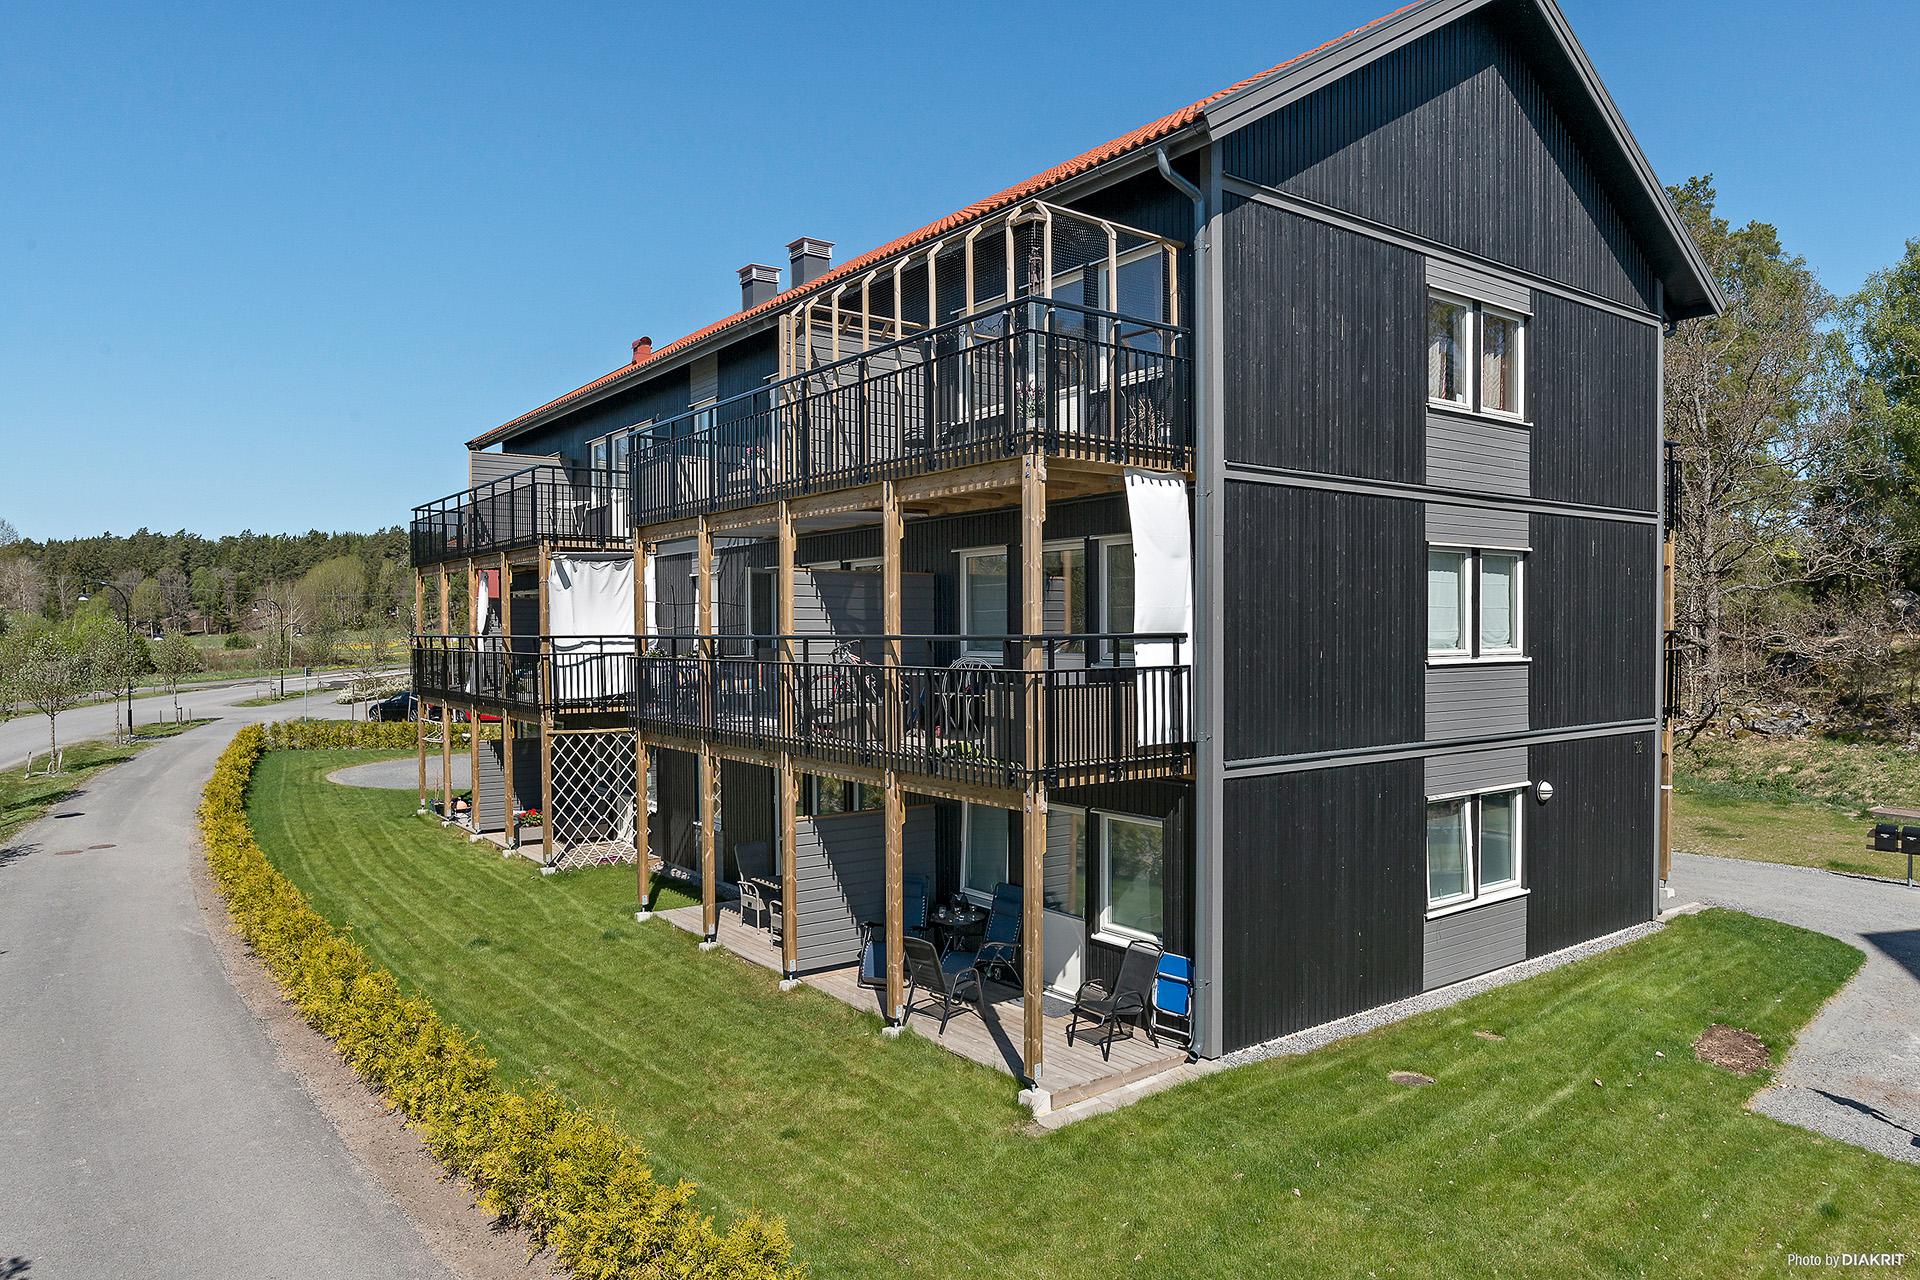 8 kvm stora balkonger